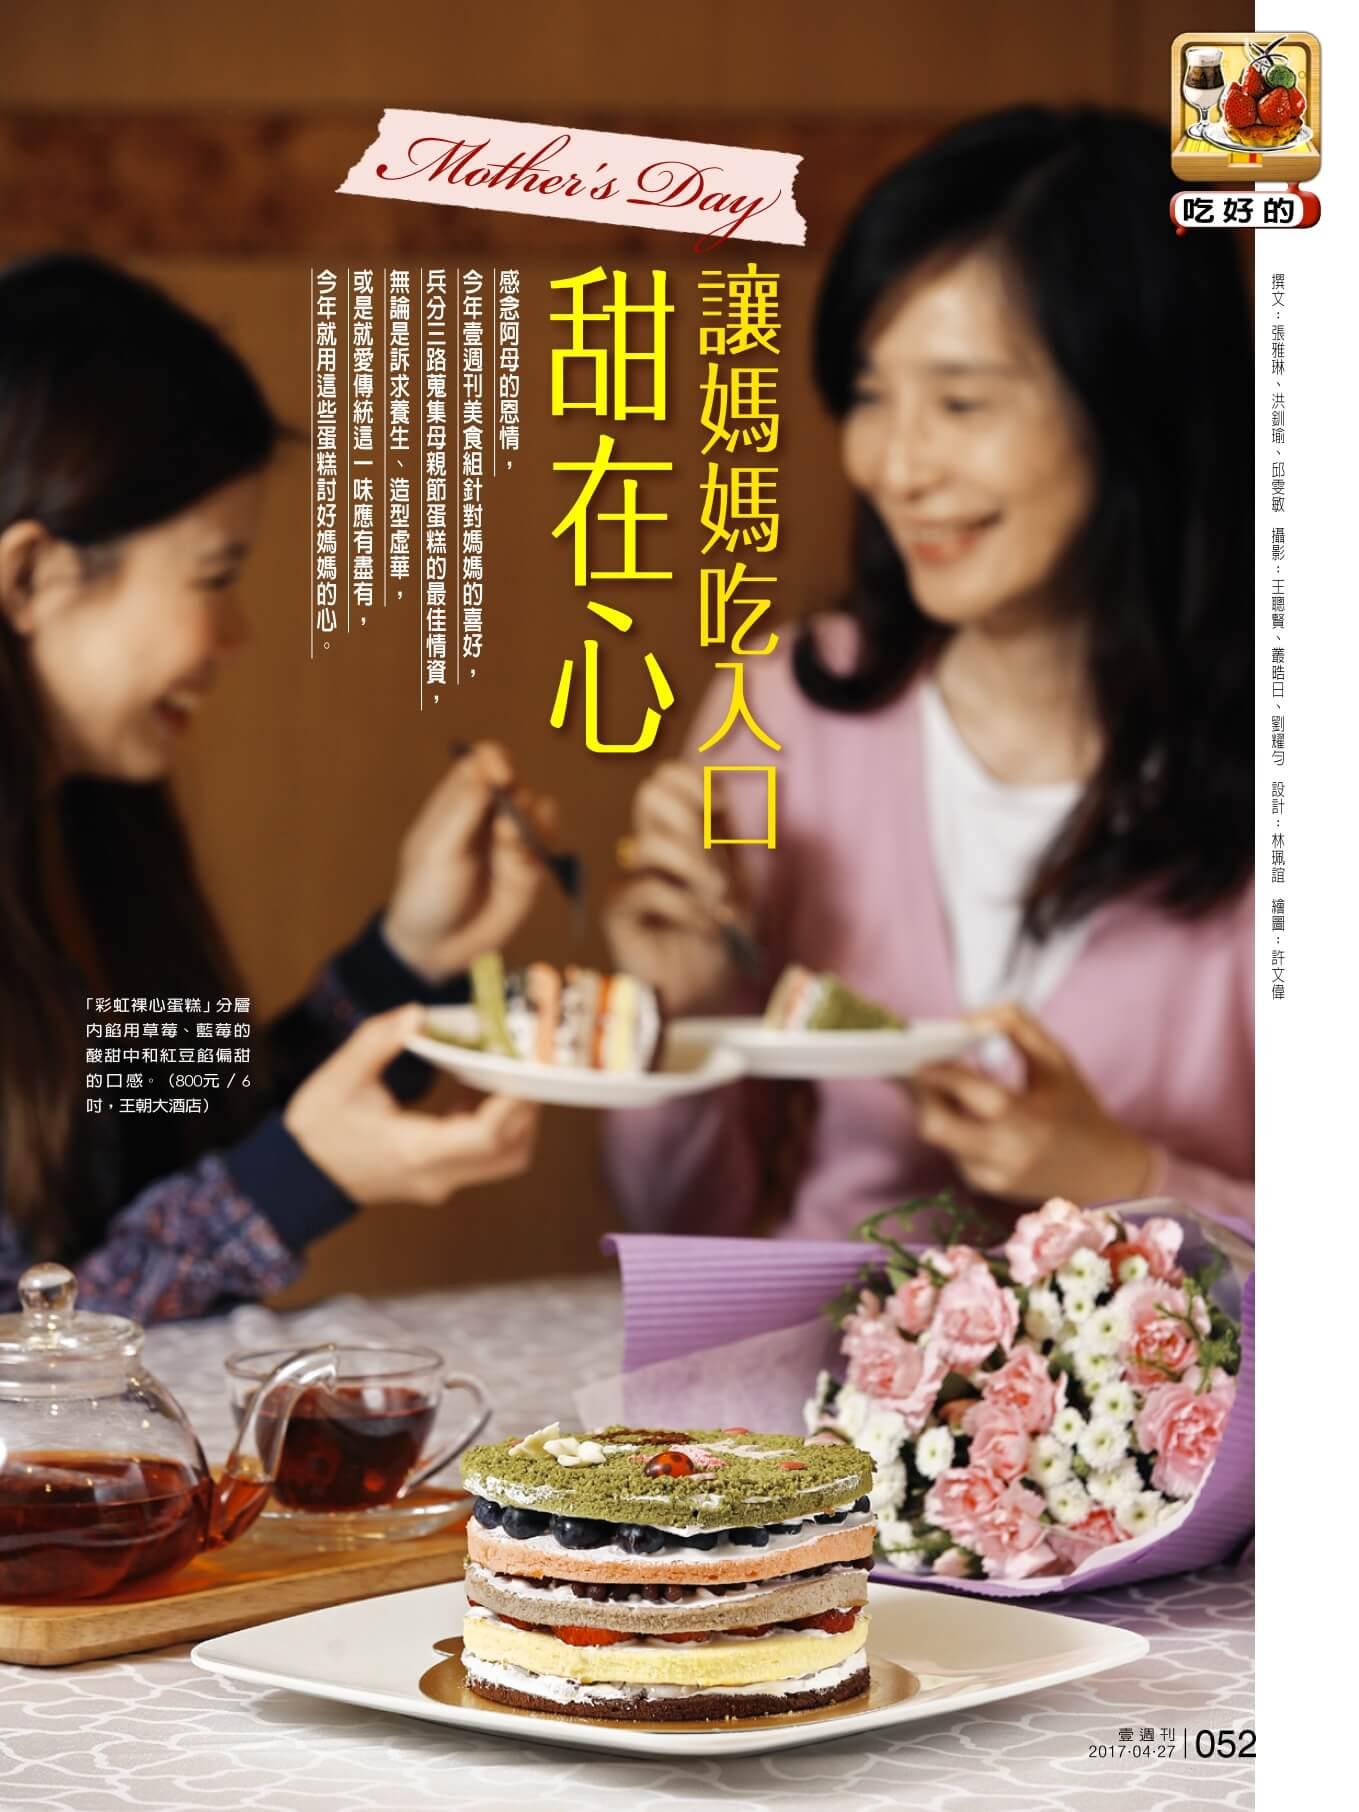 壹週刊831生活娛樂_甜在心_